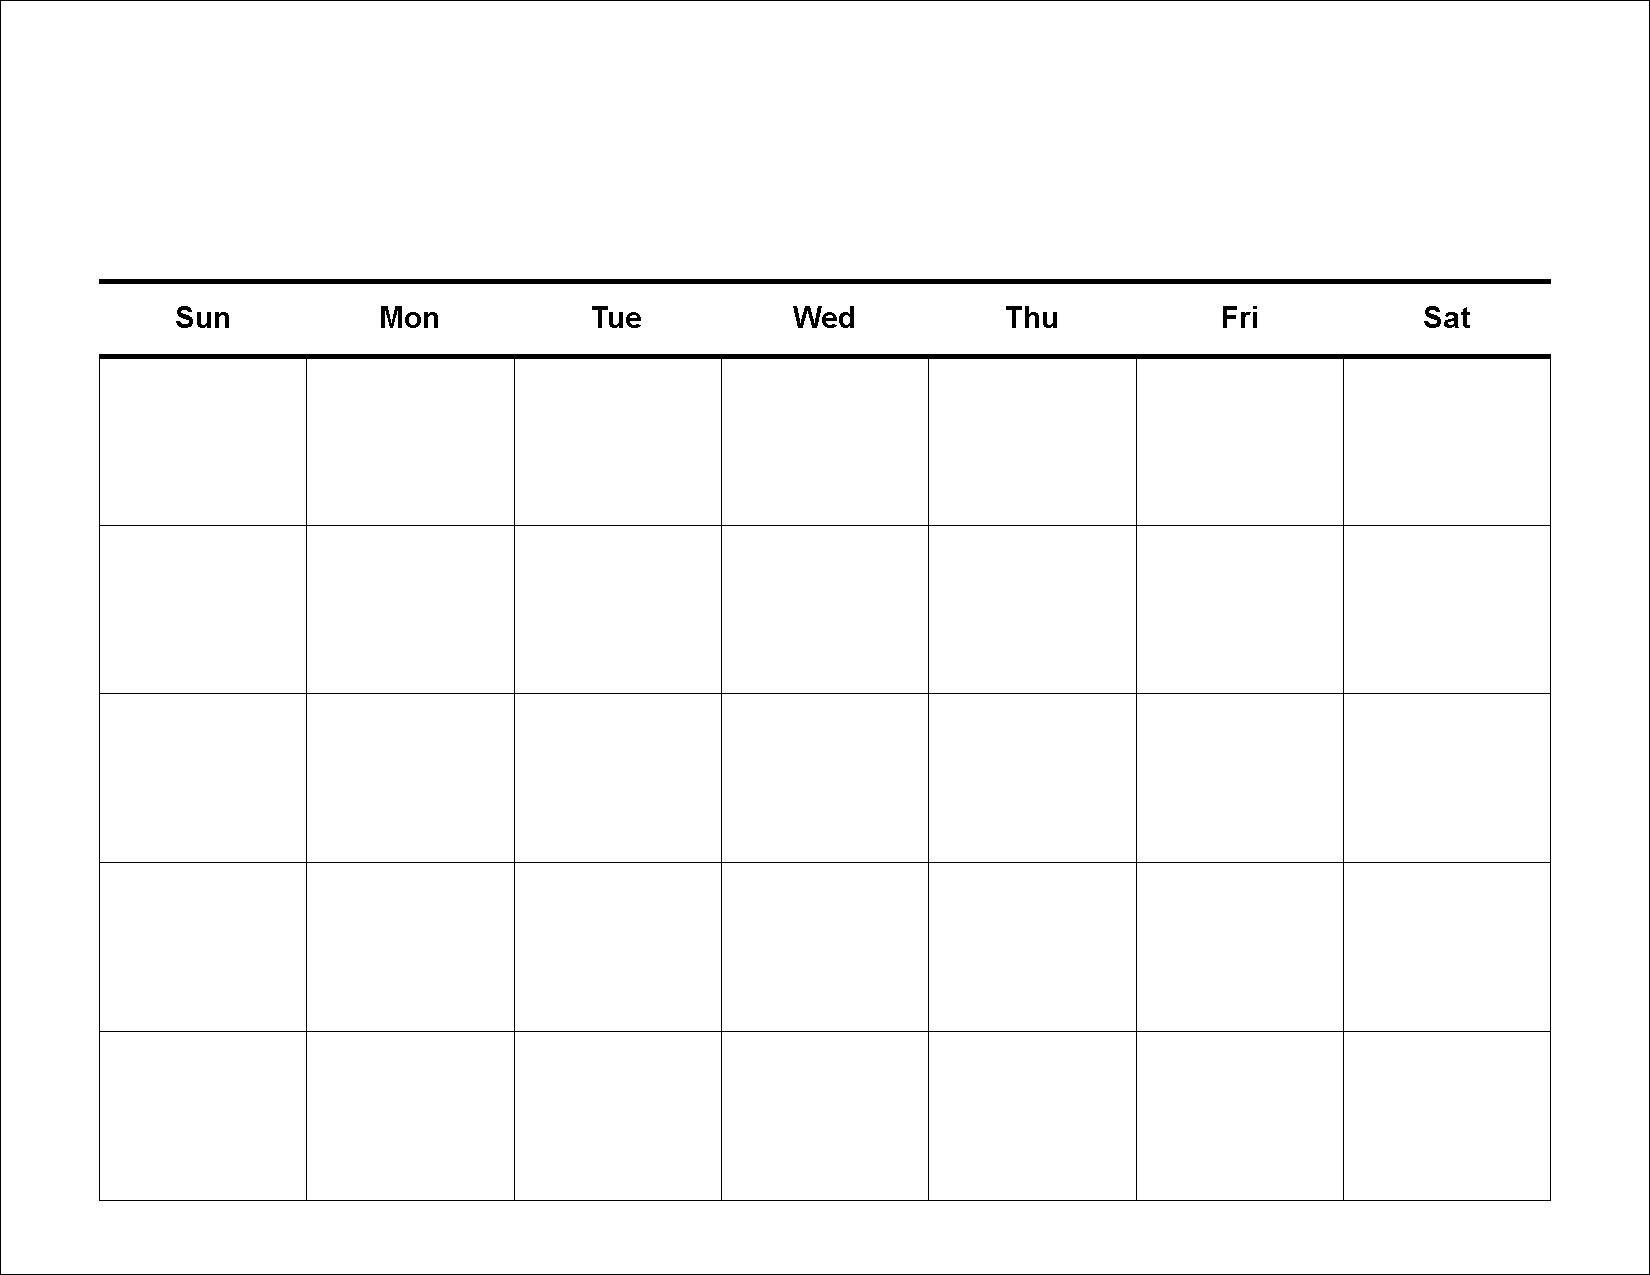 printable calendar grid leonescapersco Free 2 Week Blank Printable Calendar erdferdf